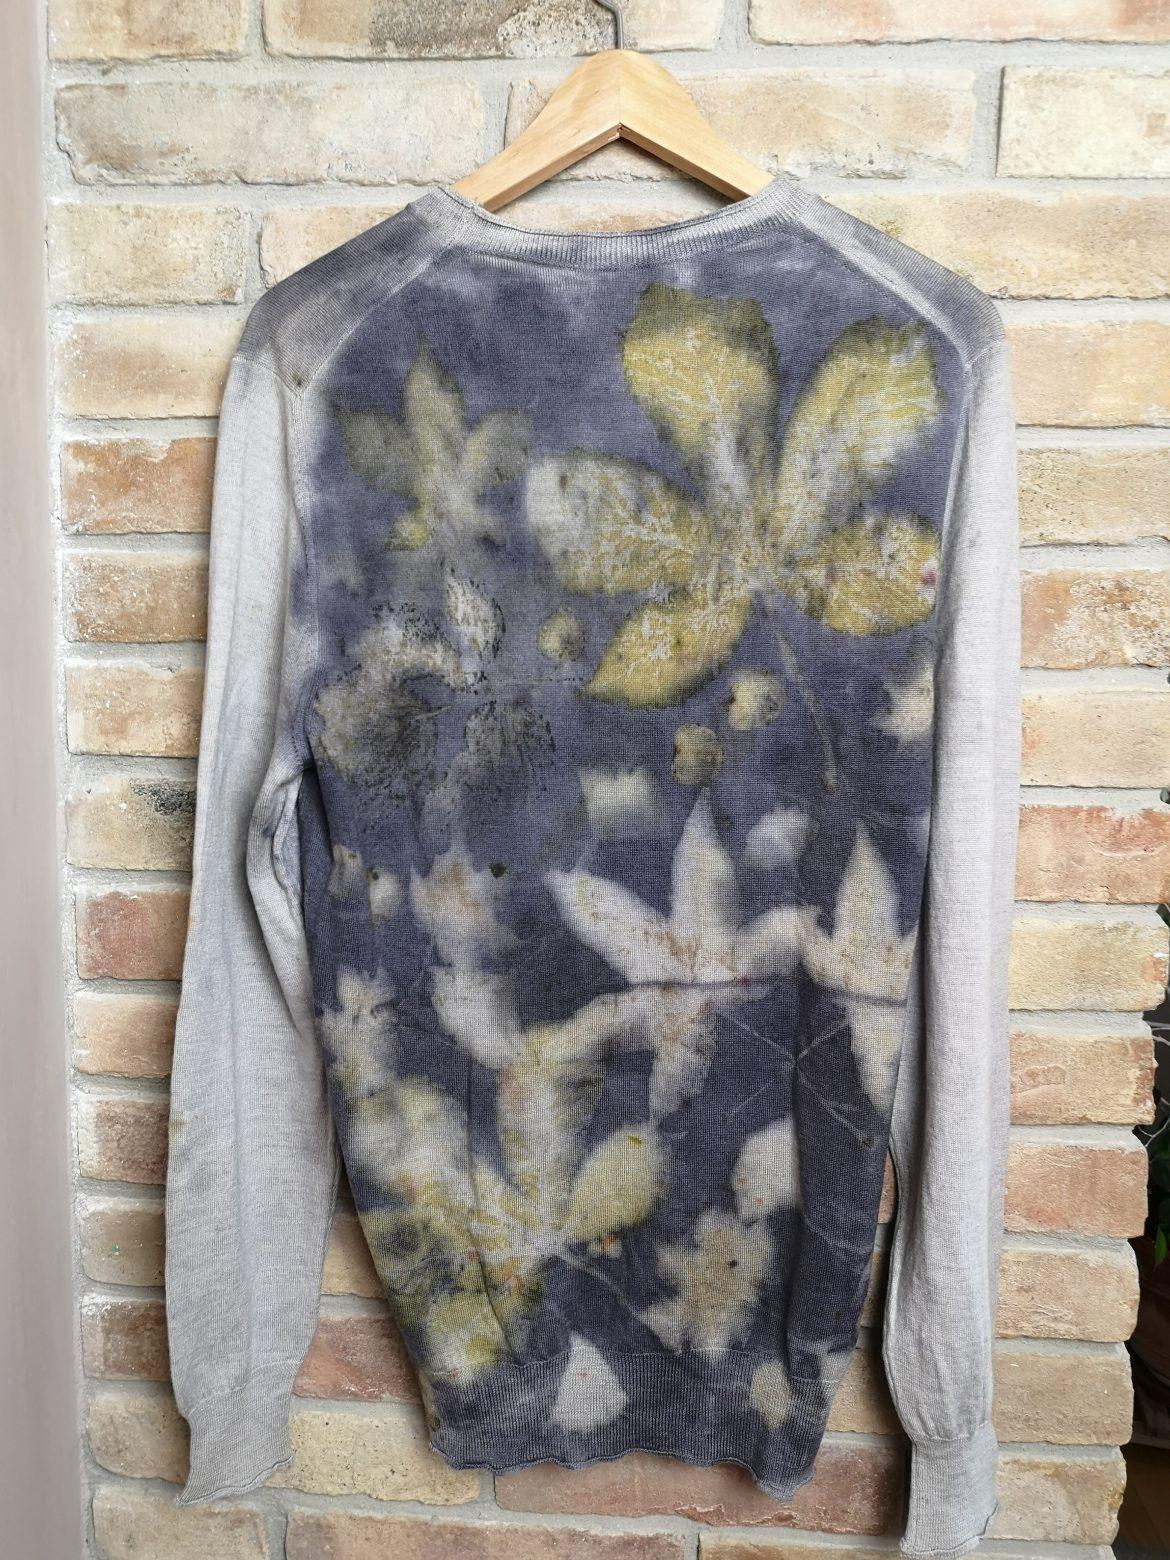 Regali di Natale 2020: idee regalo di Sogni di Cinzia, maglione da uomo stampato